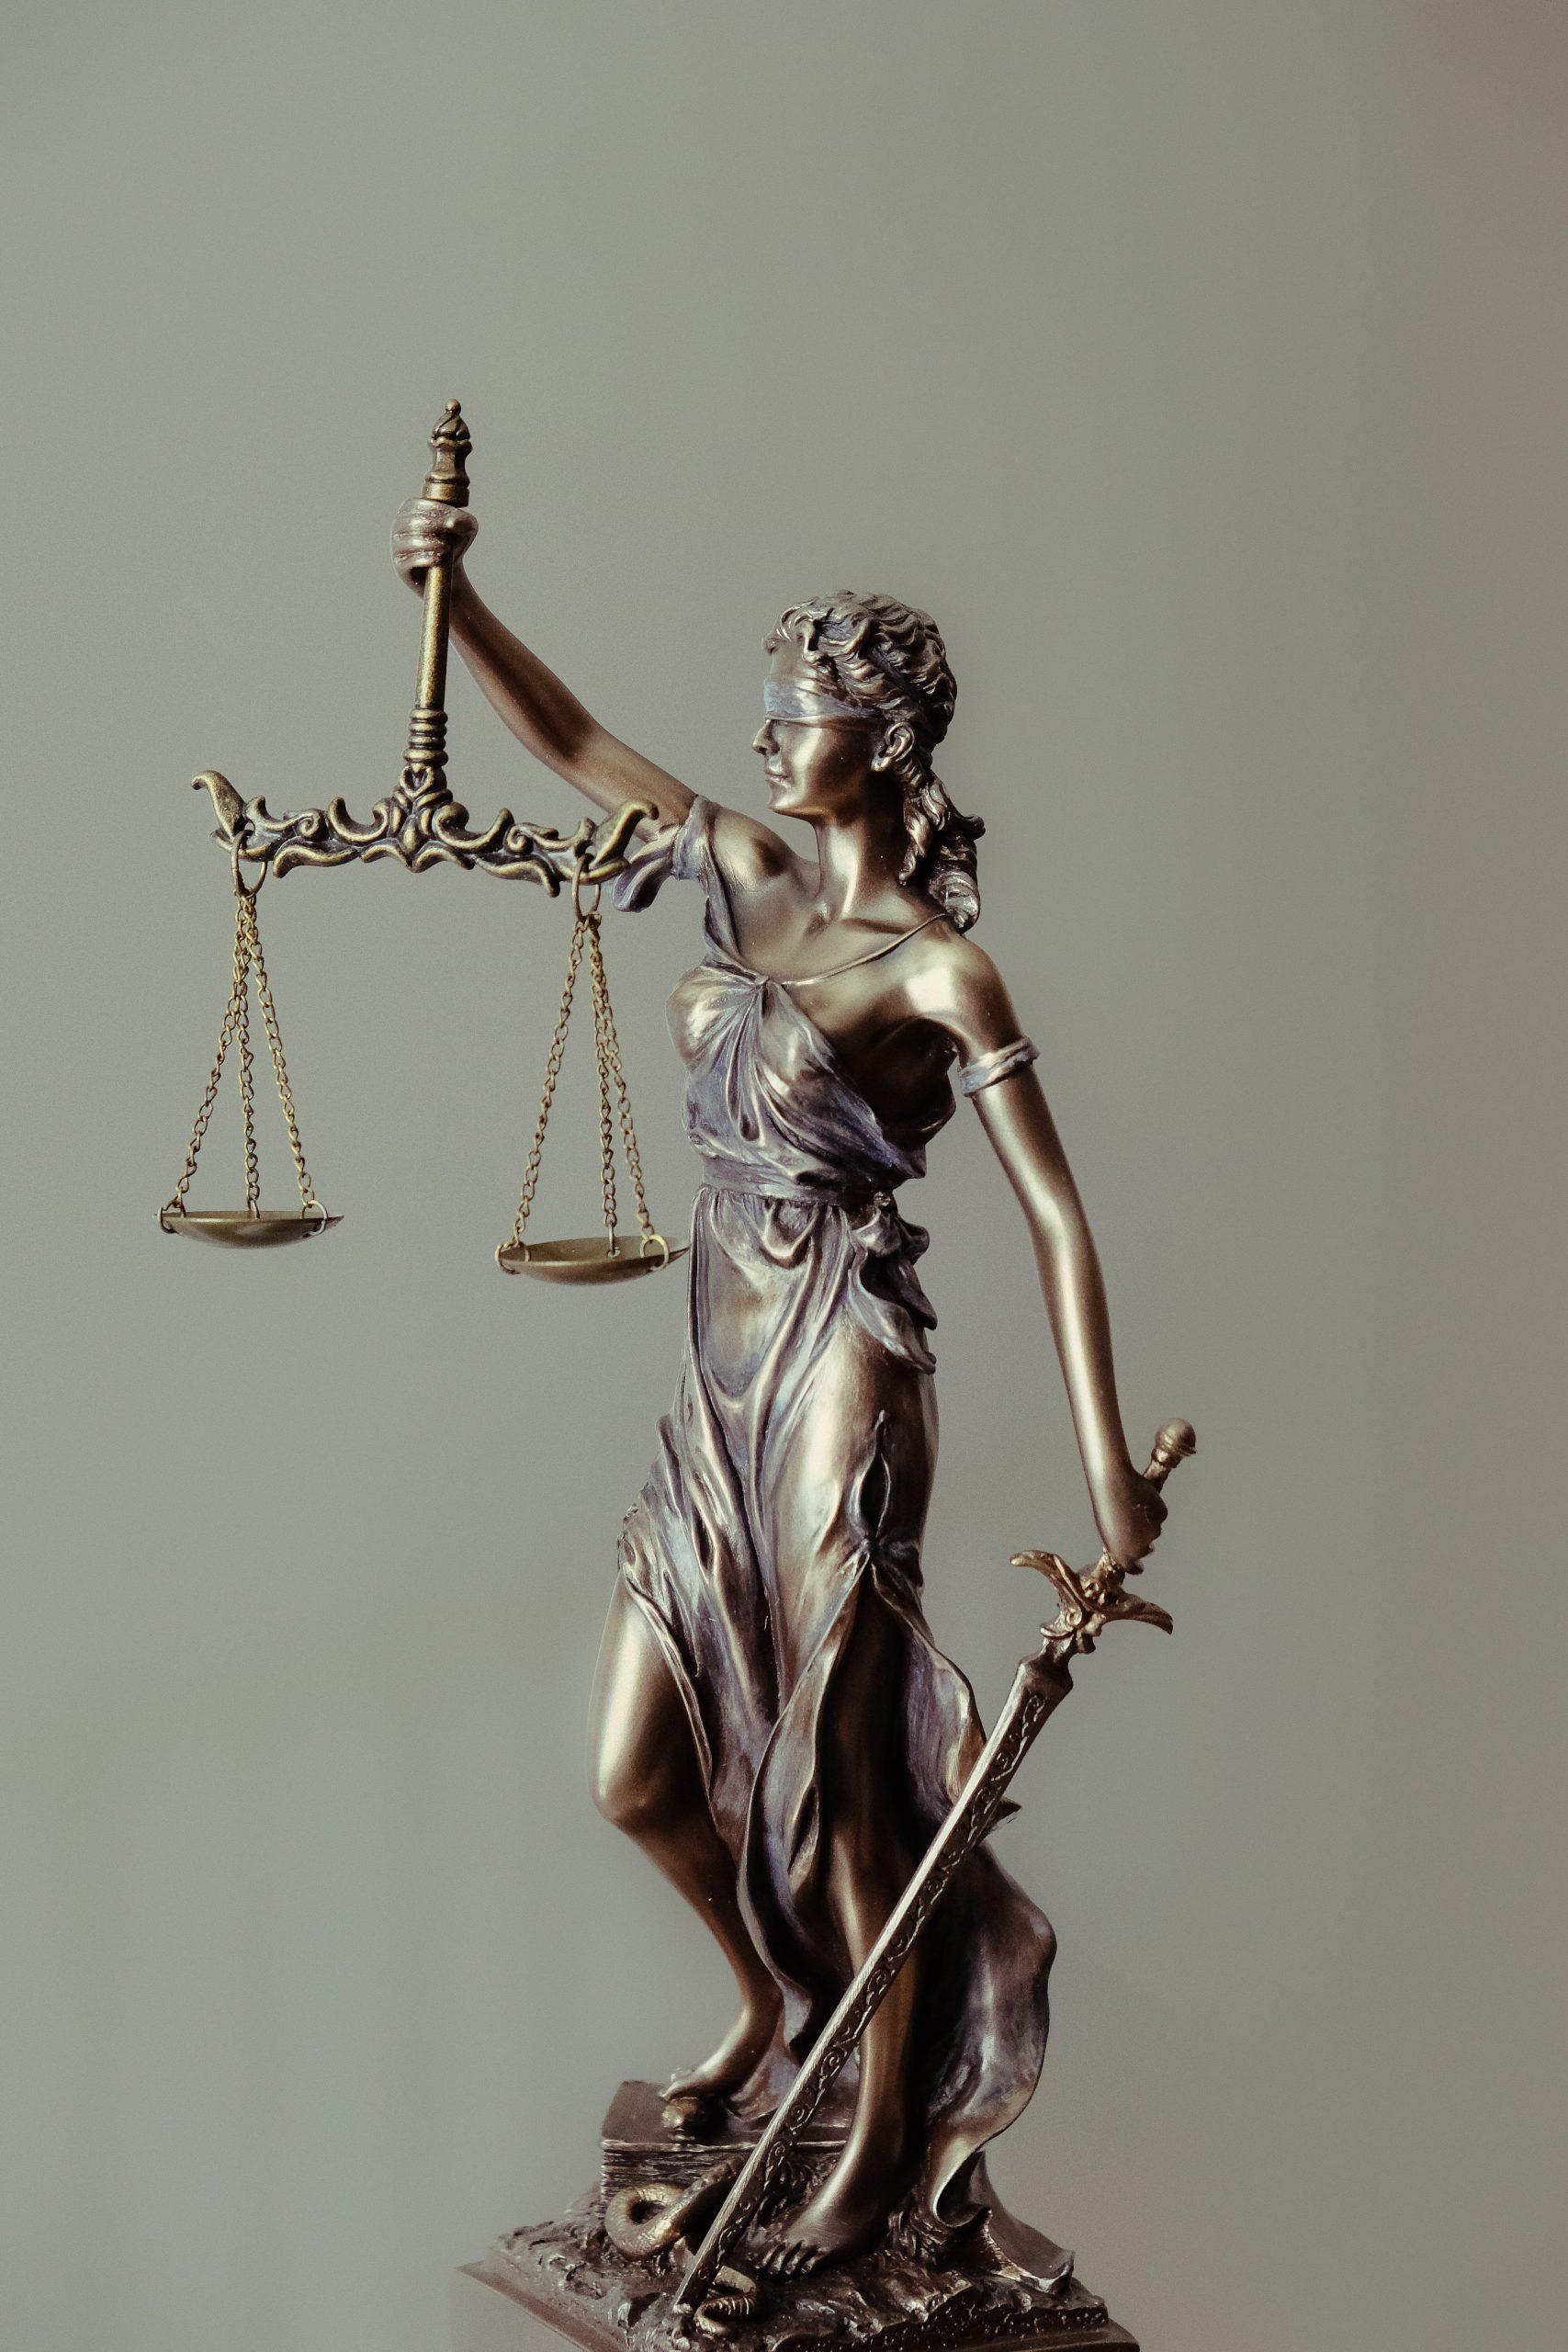 tingey-injury-law-firm-L4YGuSg0fxs-unsplash